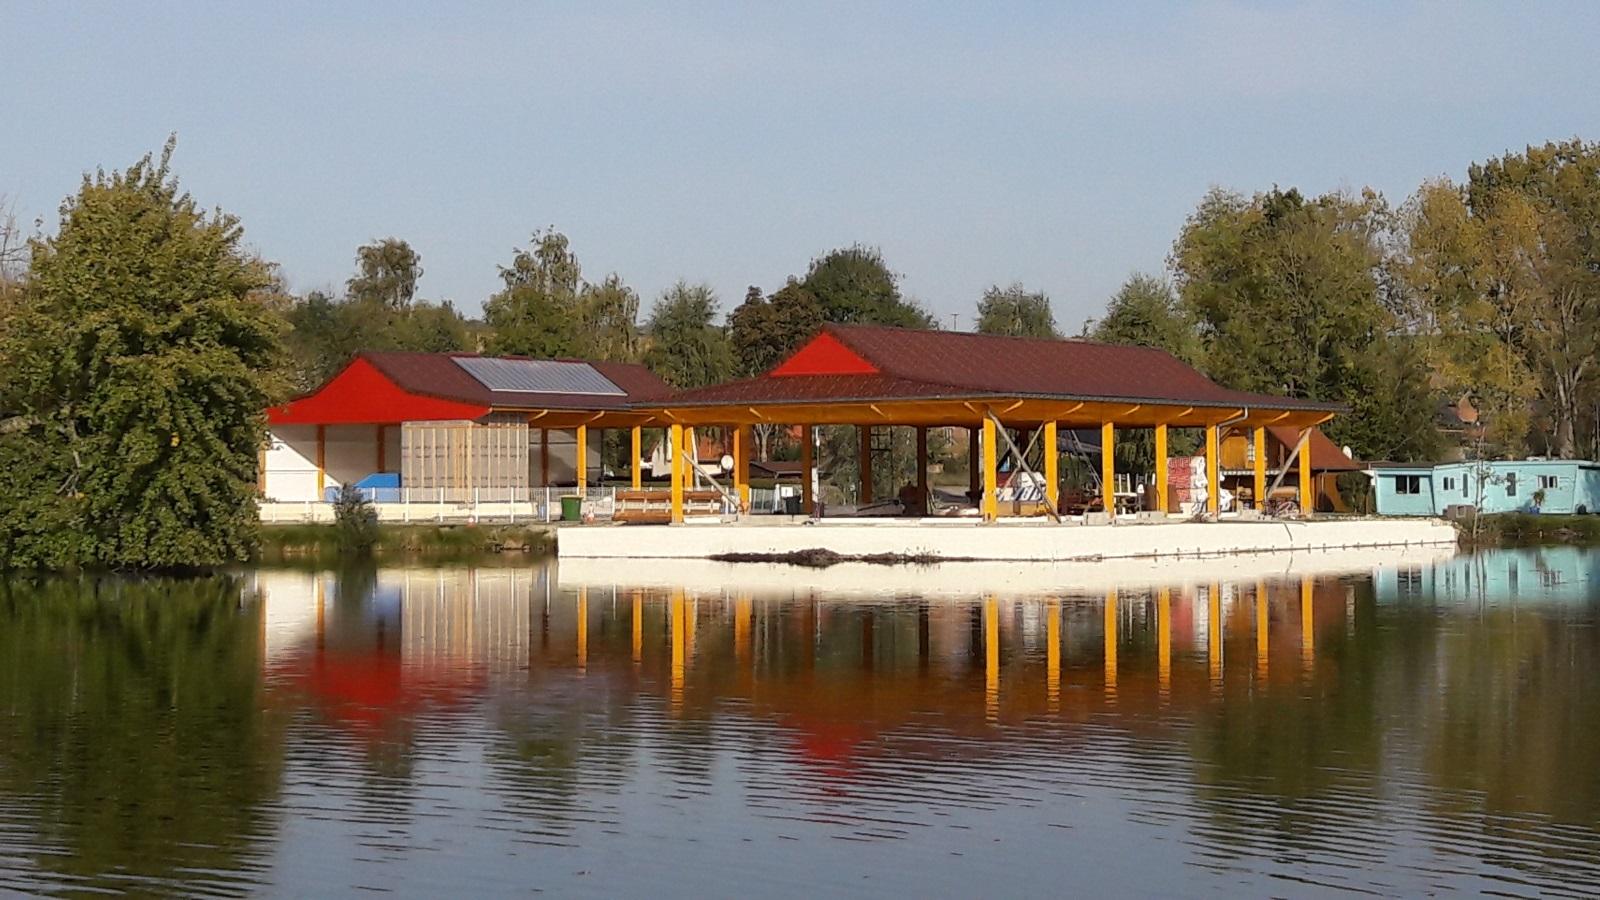 piscine-couverte-salle-animations-restauration-restaurant-nouveautés-2018-camping-puits-tournants-sailly-le-sec-somme-hauts-de-france